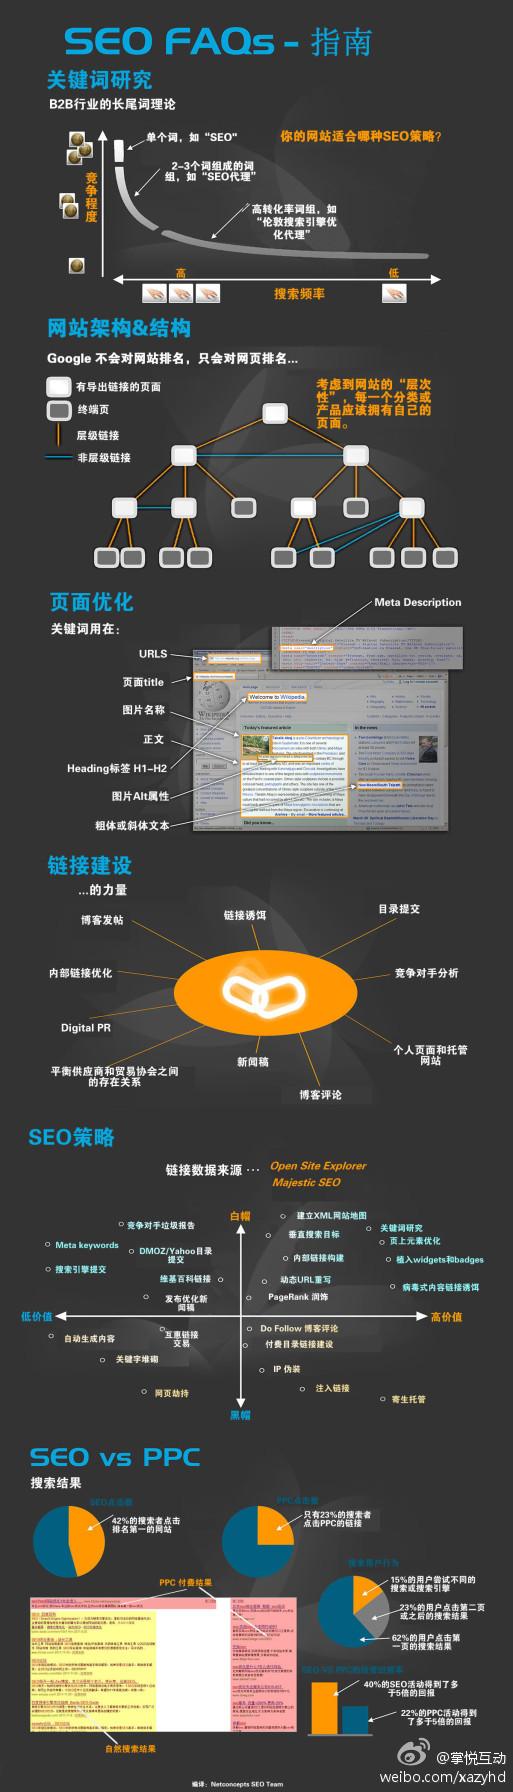 整体SEO策略,SEO与PPC广告所创造的价值对比